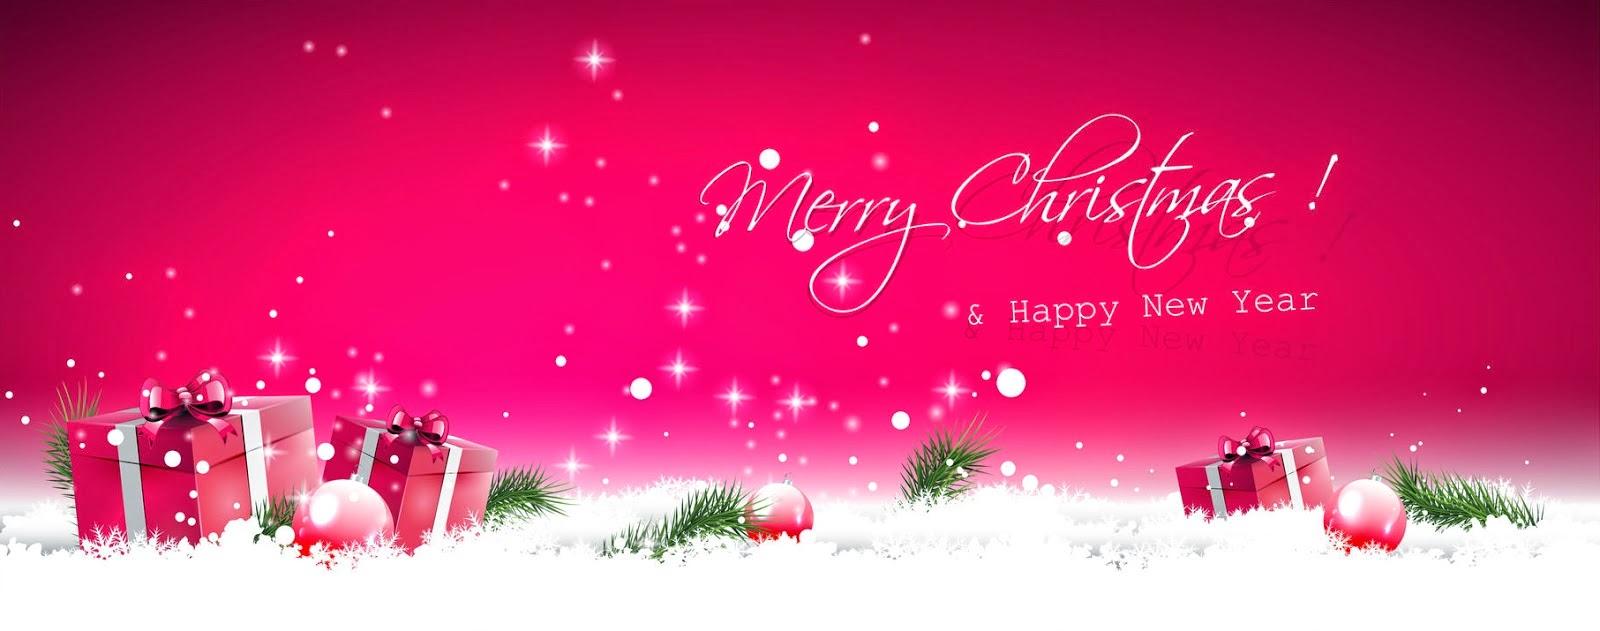 Photo collection frohe weihnachten bilder 4 for Merry christmas bilder